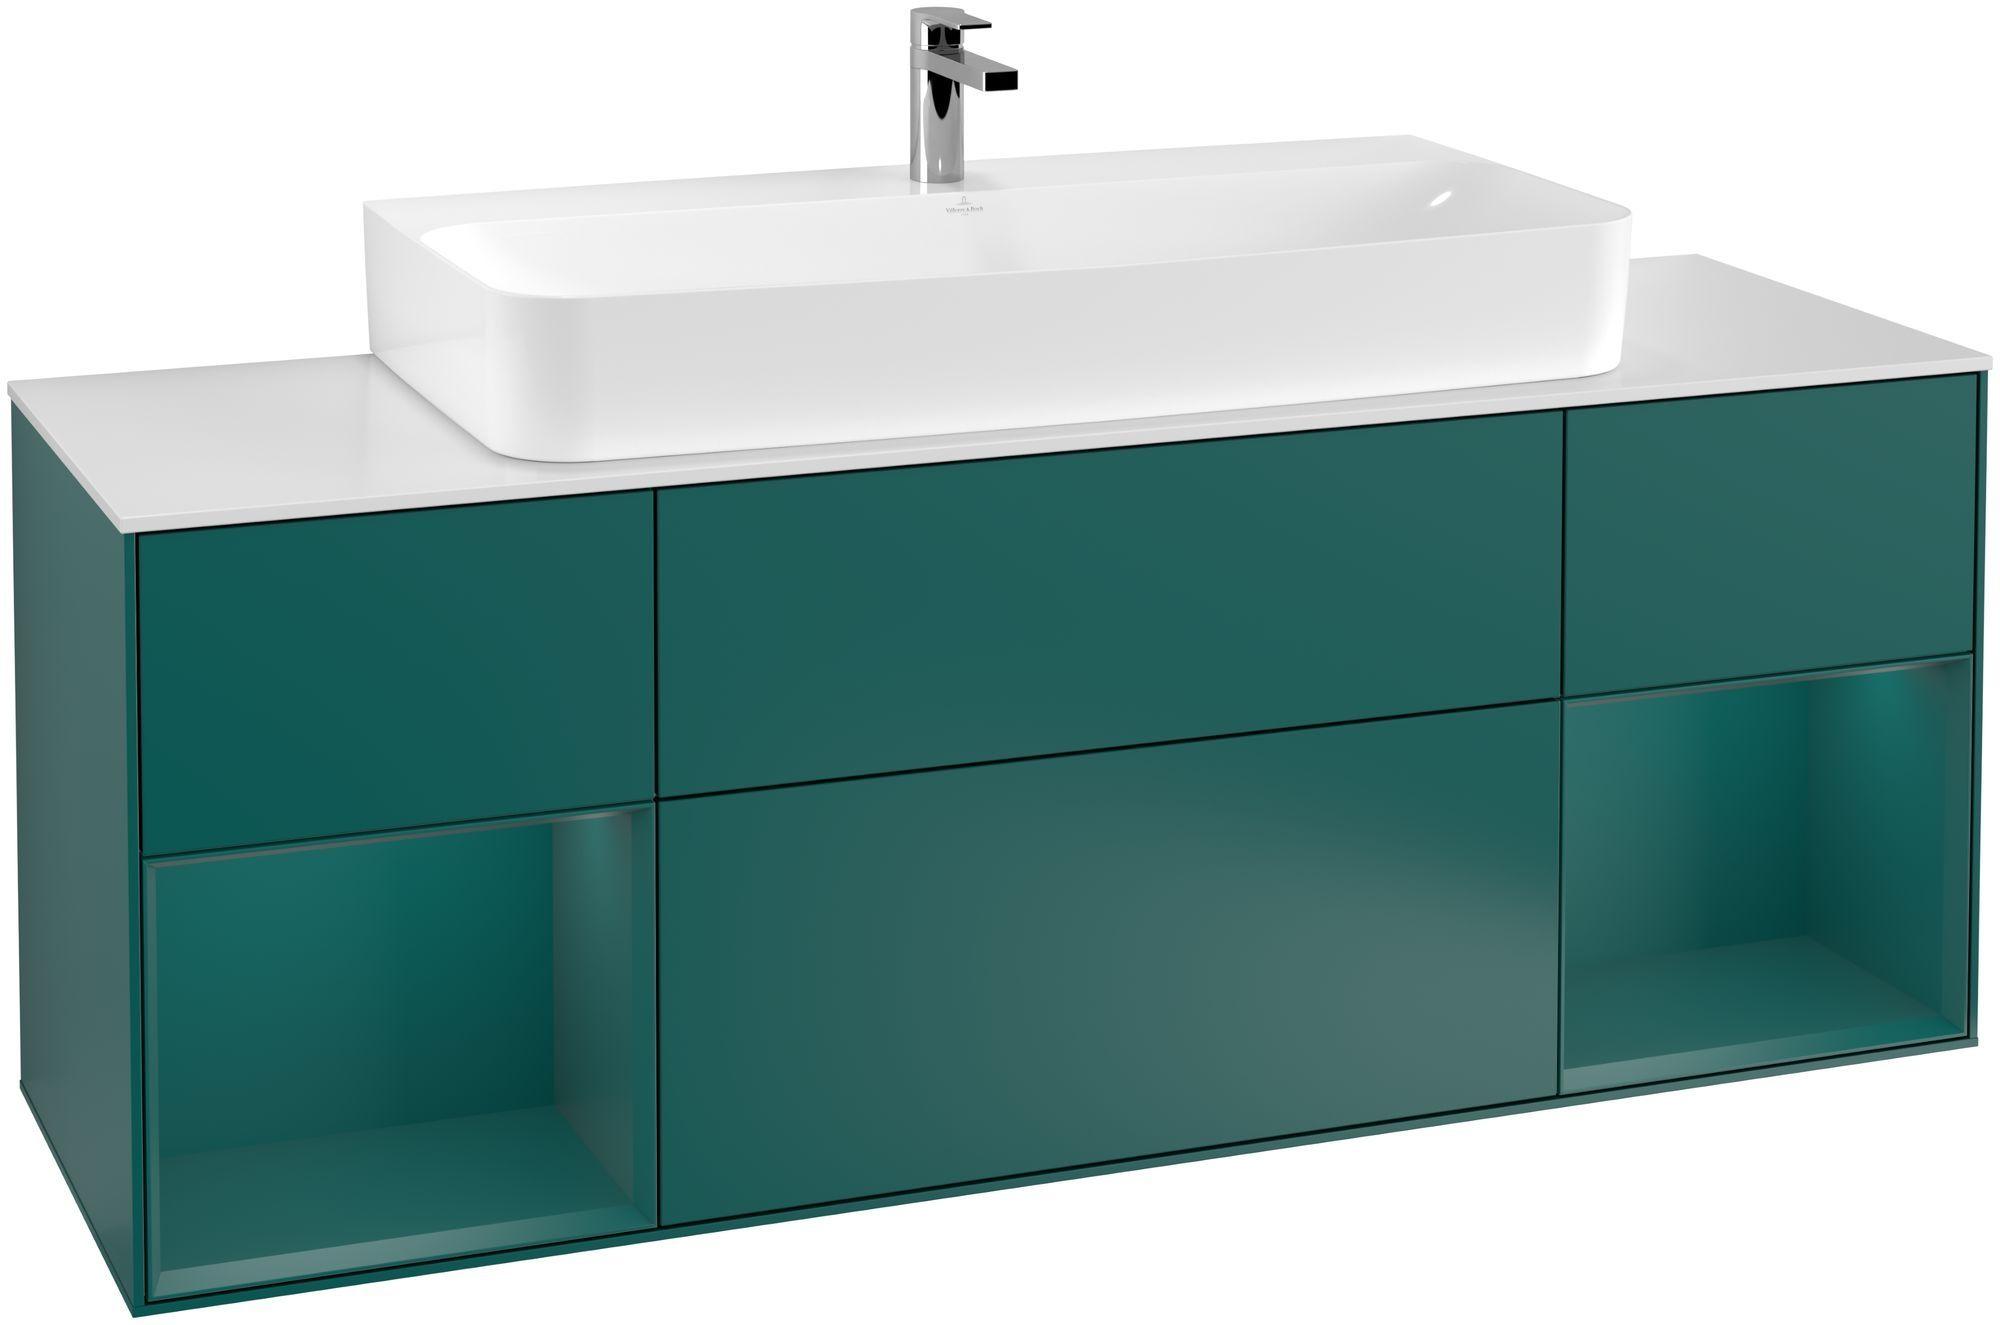 Villeroy & Boch Finion G21 Waschtischunterschrank mit Regalelement 4 Auszüge Waschtisch mittig LED-Beleuchtung B:160xH:60,3xT:50,1cm Front, Korpus: Cedar, Glasplatte: White Matt G211GSGS